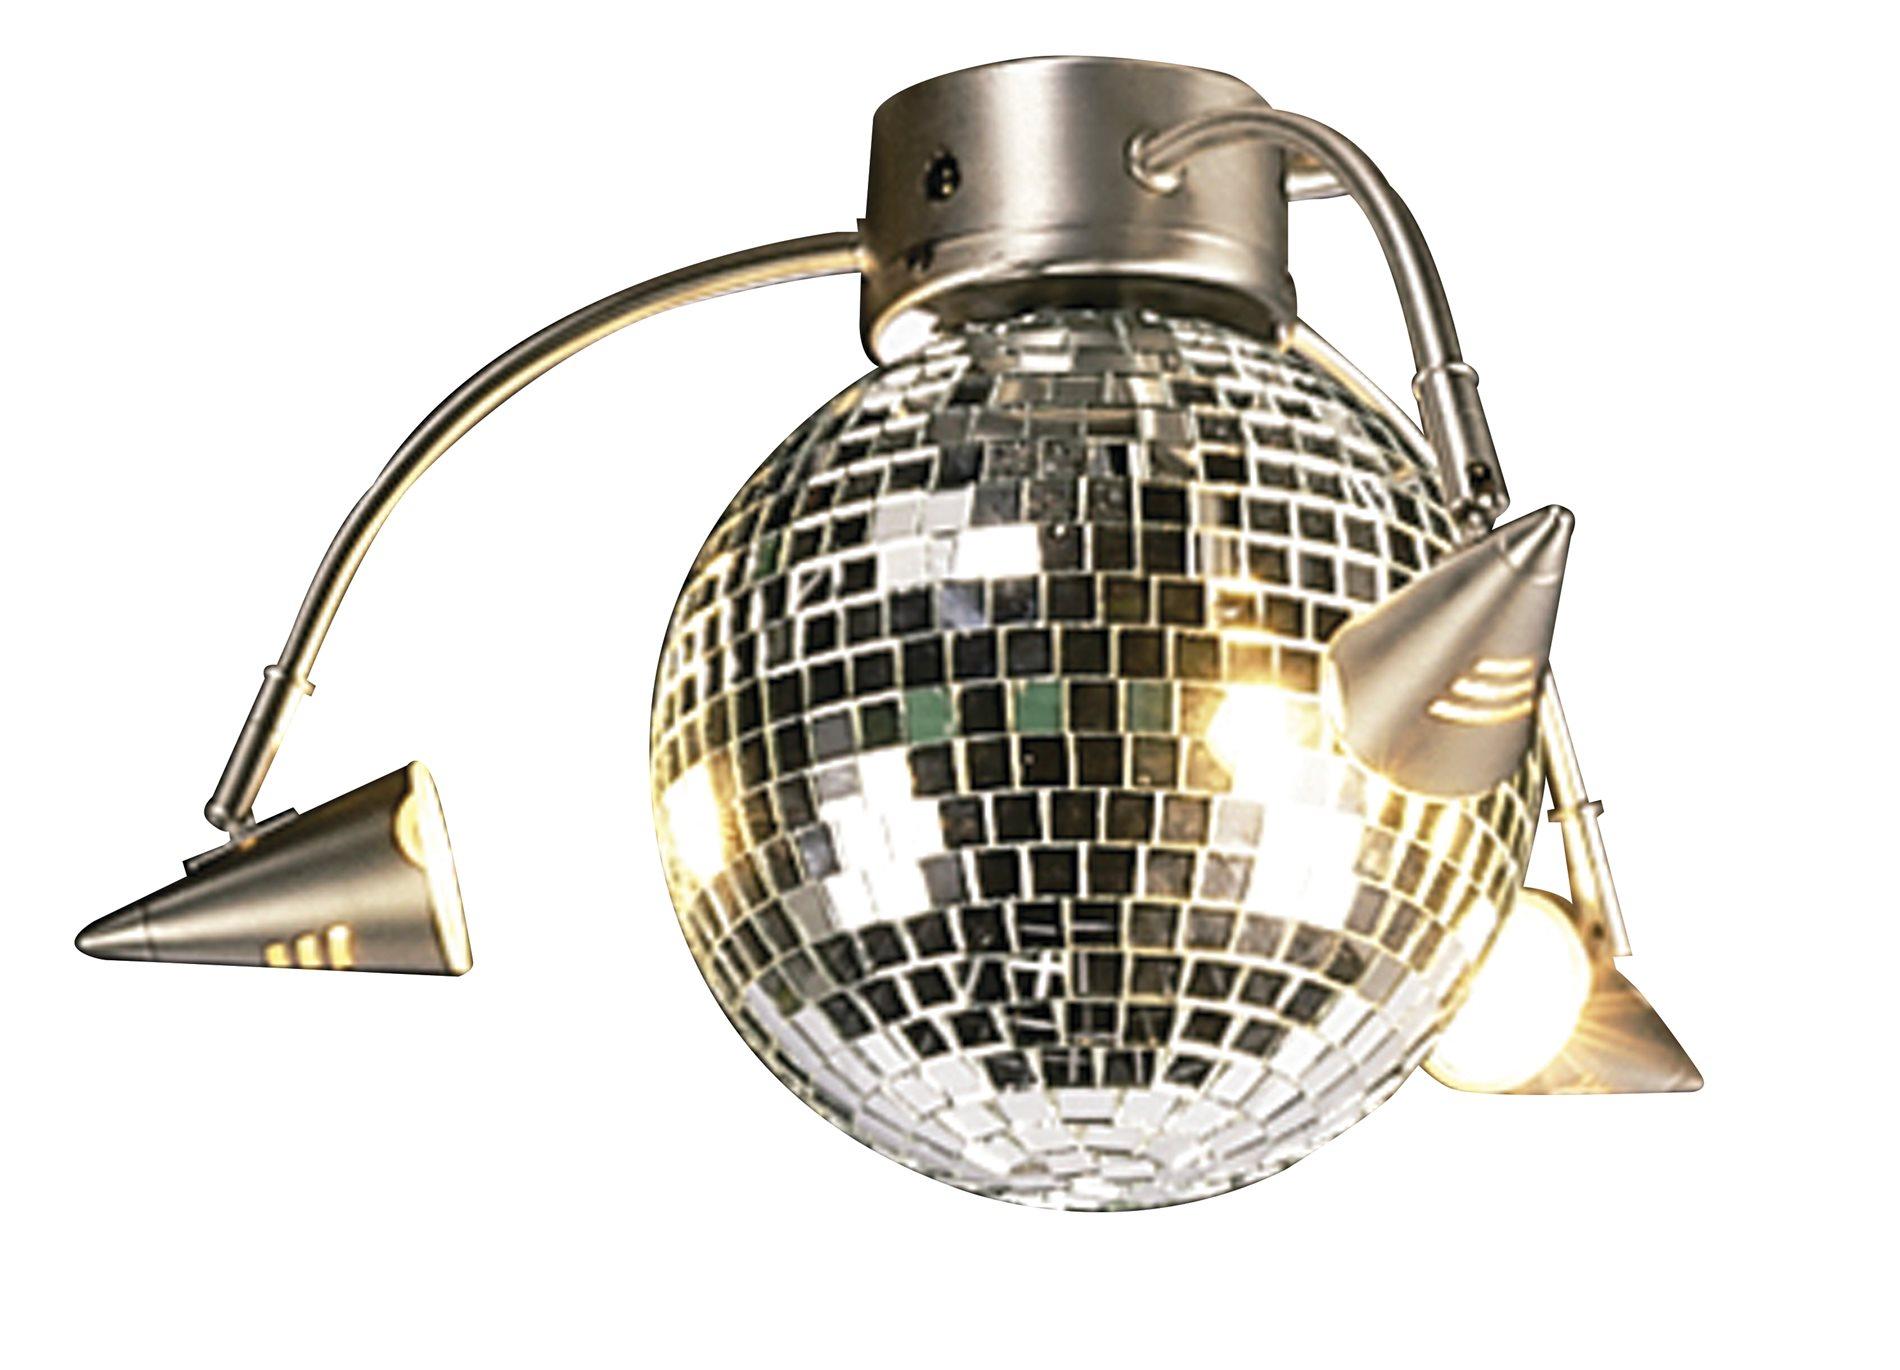 Craftmade LK55L-BN 3-Spotlight Disco Ball Light Kit CM-LK55L-BN